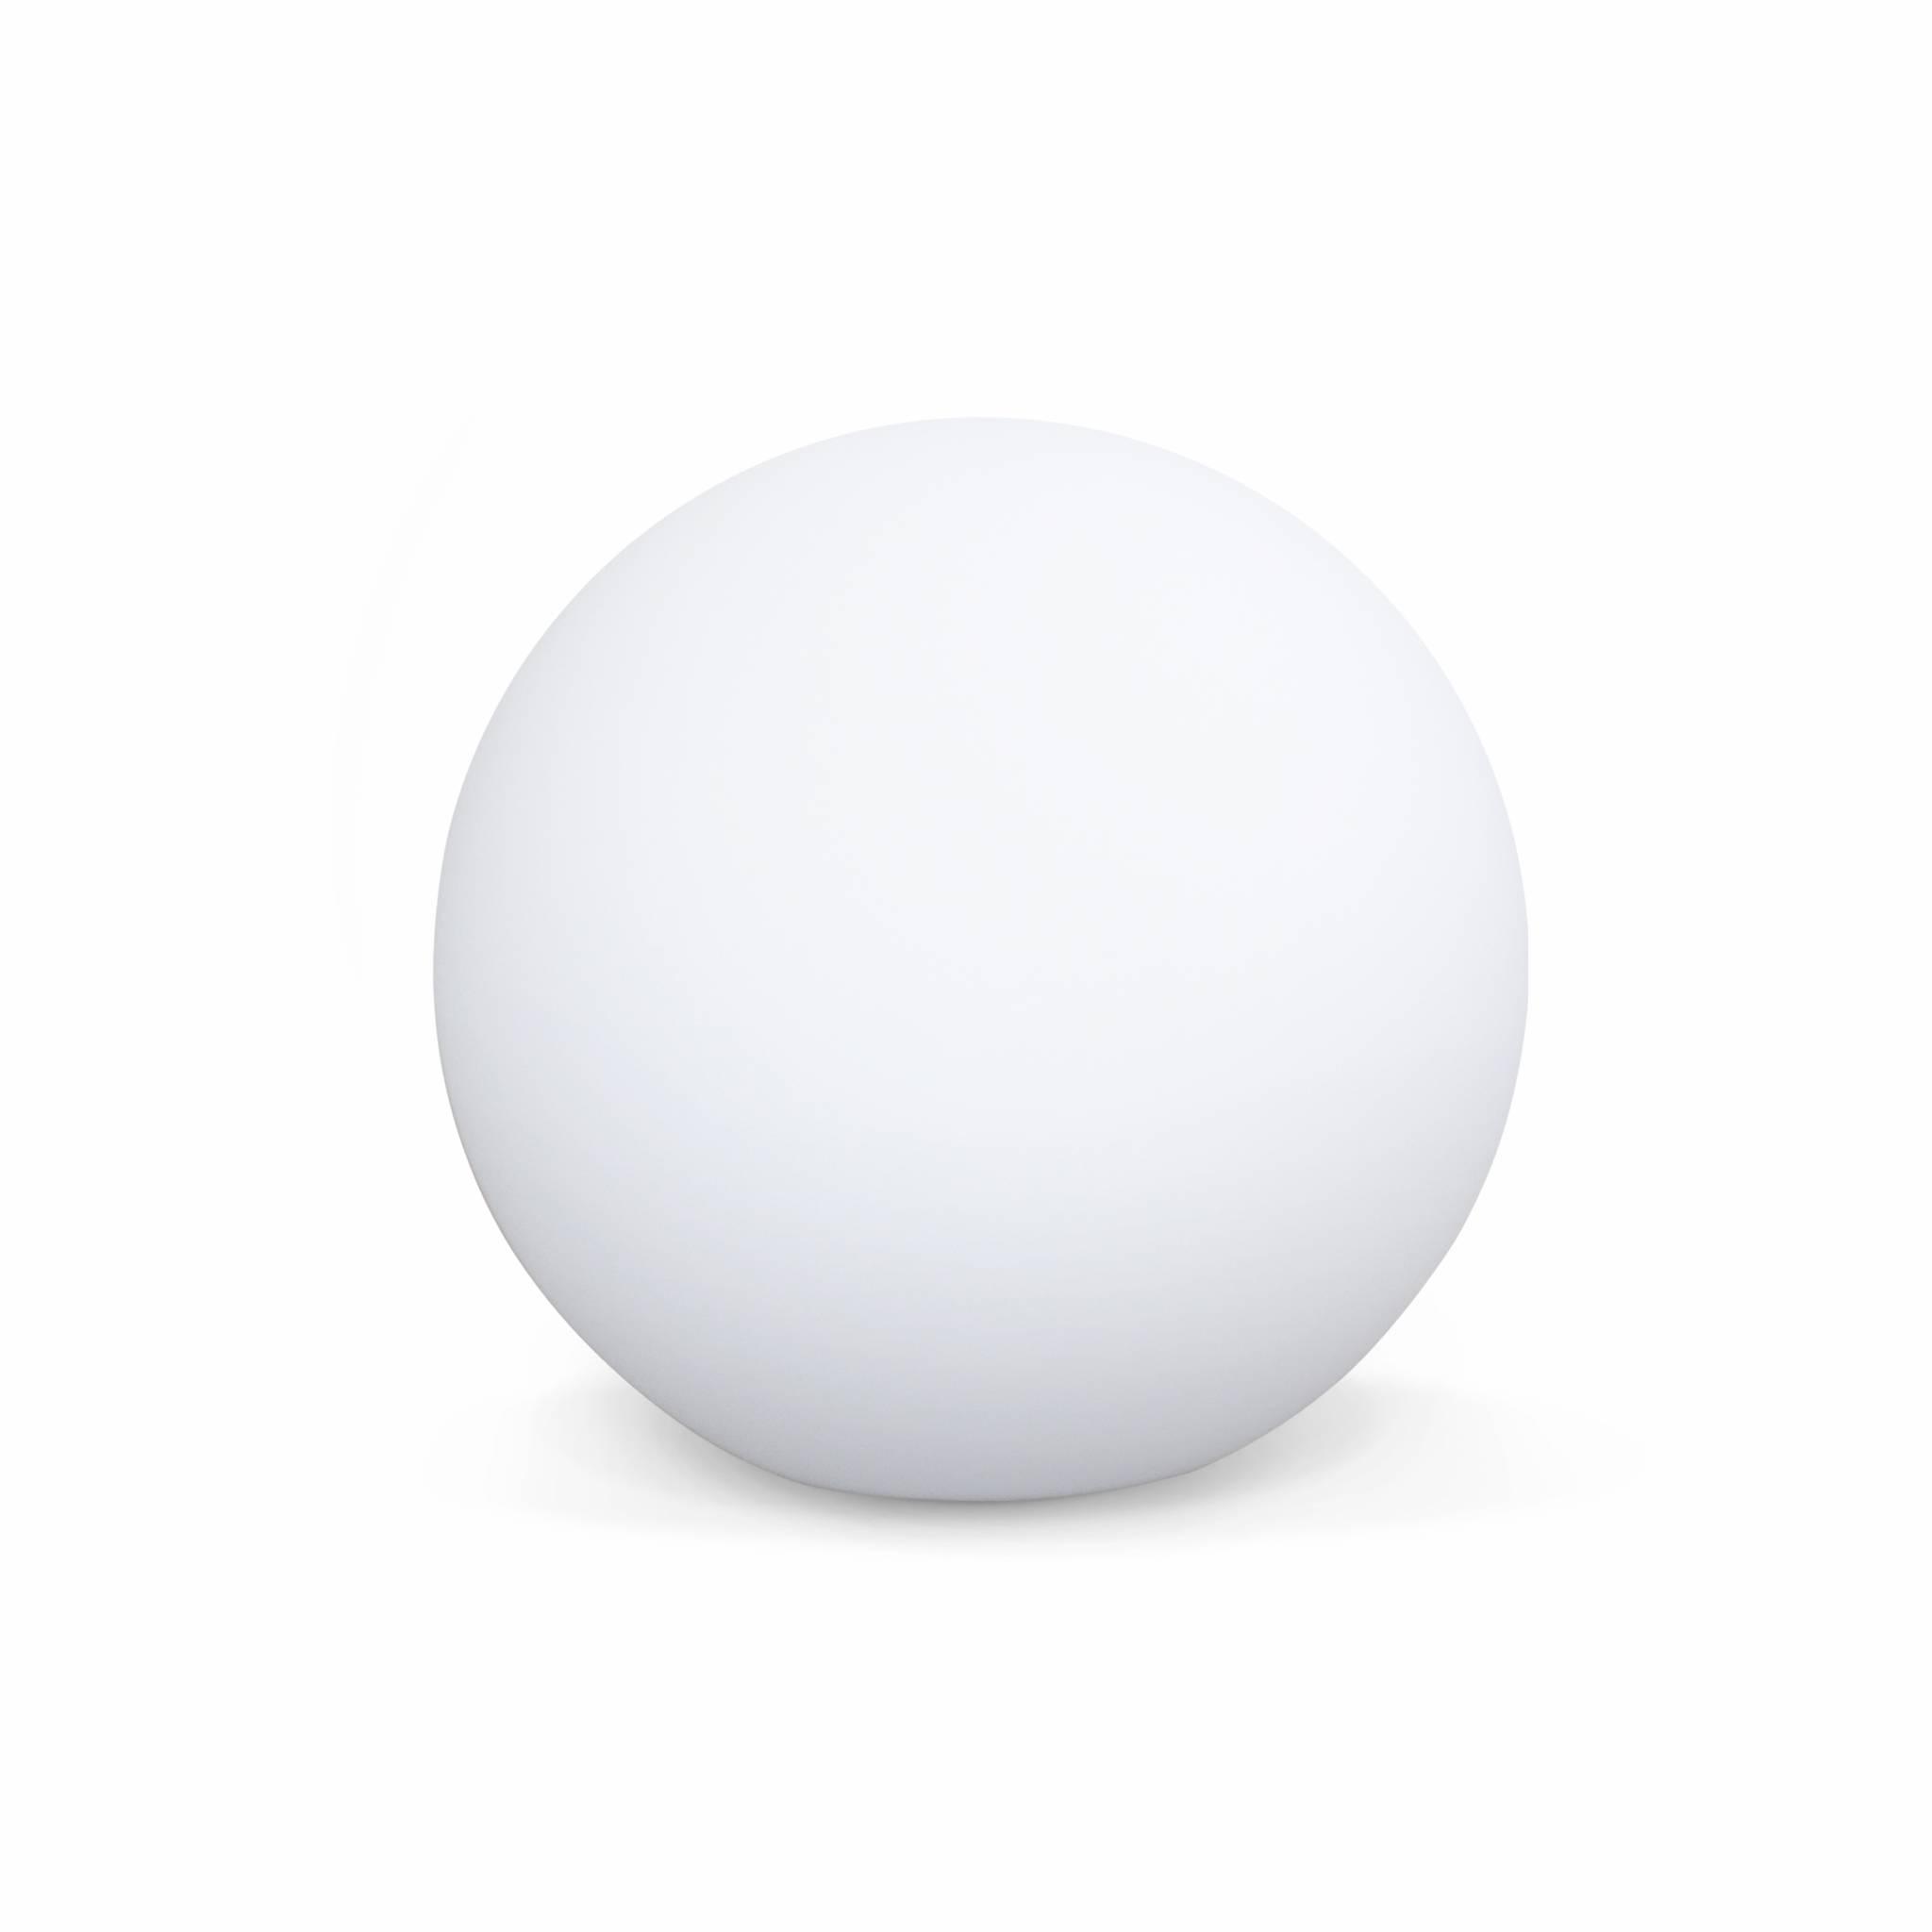 Boule led 40cm – sphère décorative lumineuse D40cm blanc chaud